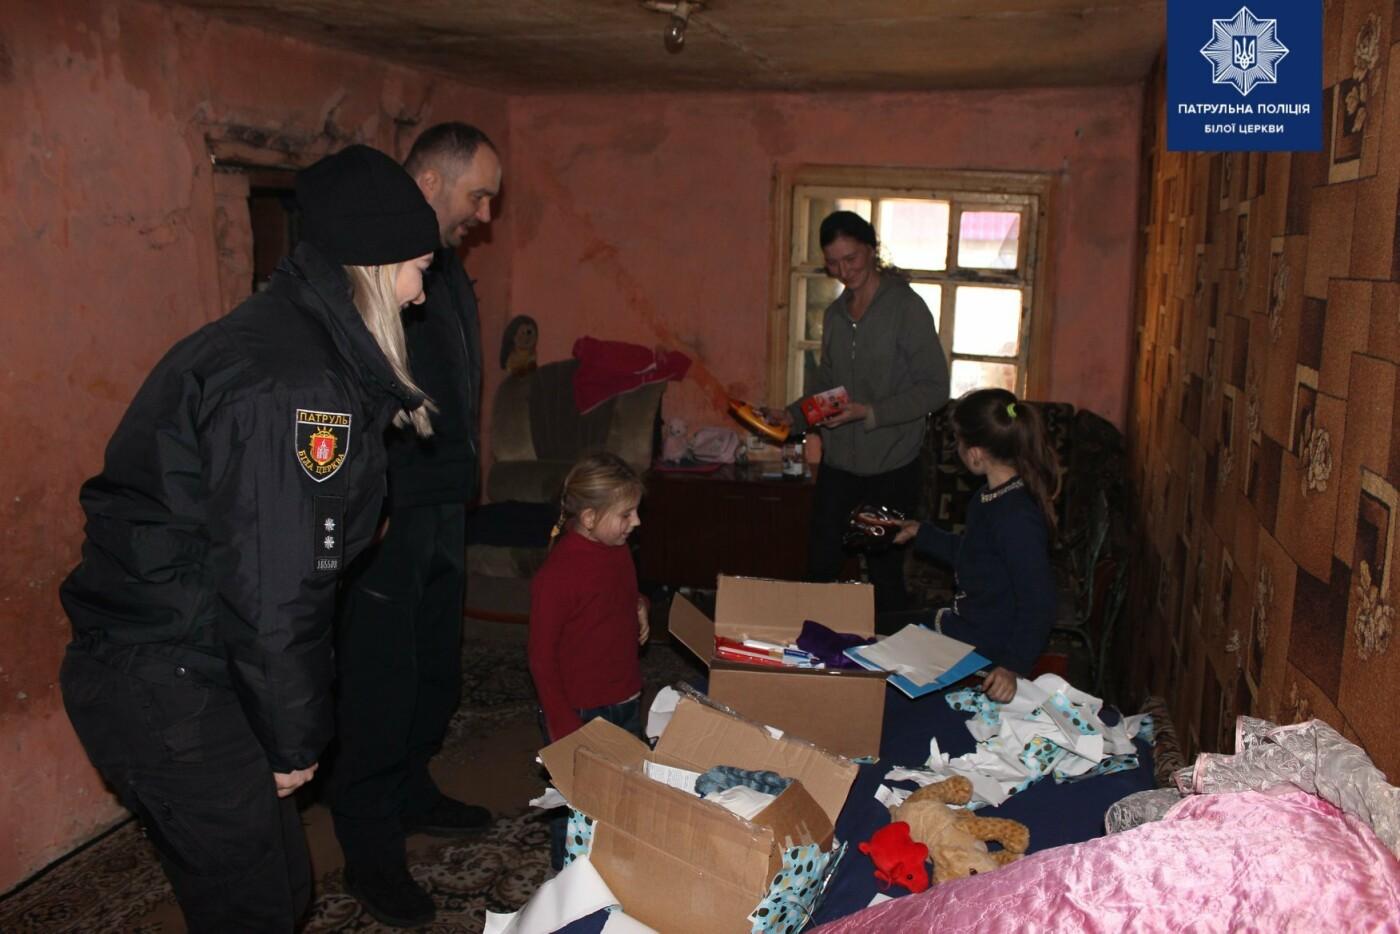 Білоцерківські патрульні та патрульний капелан привітали діток зі святами, фото-12